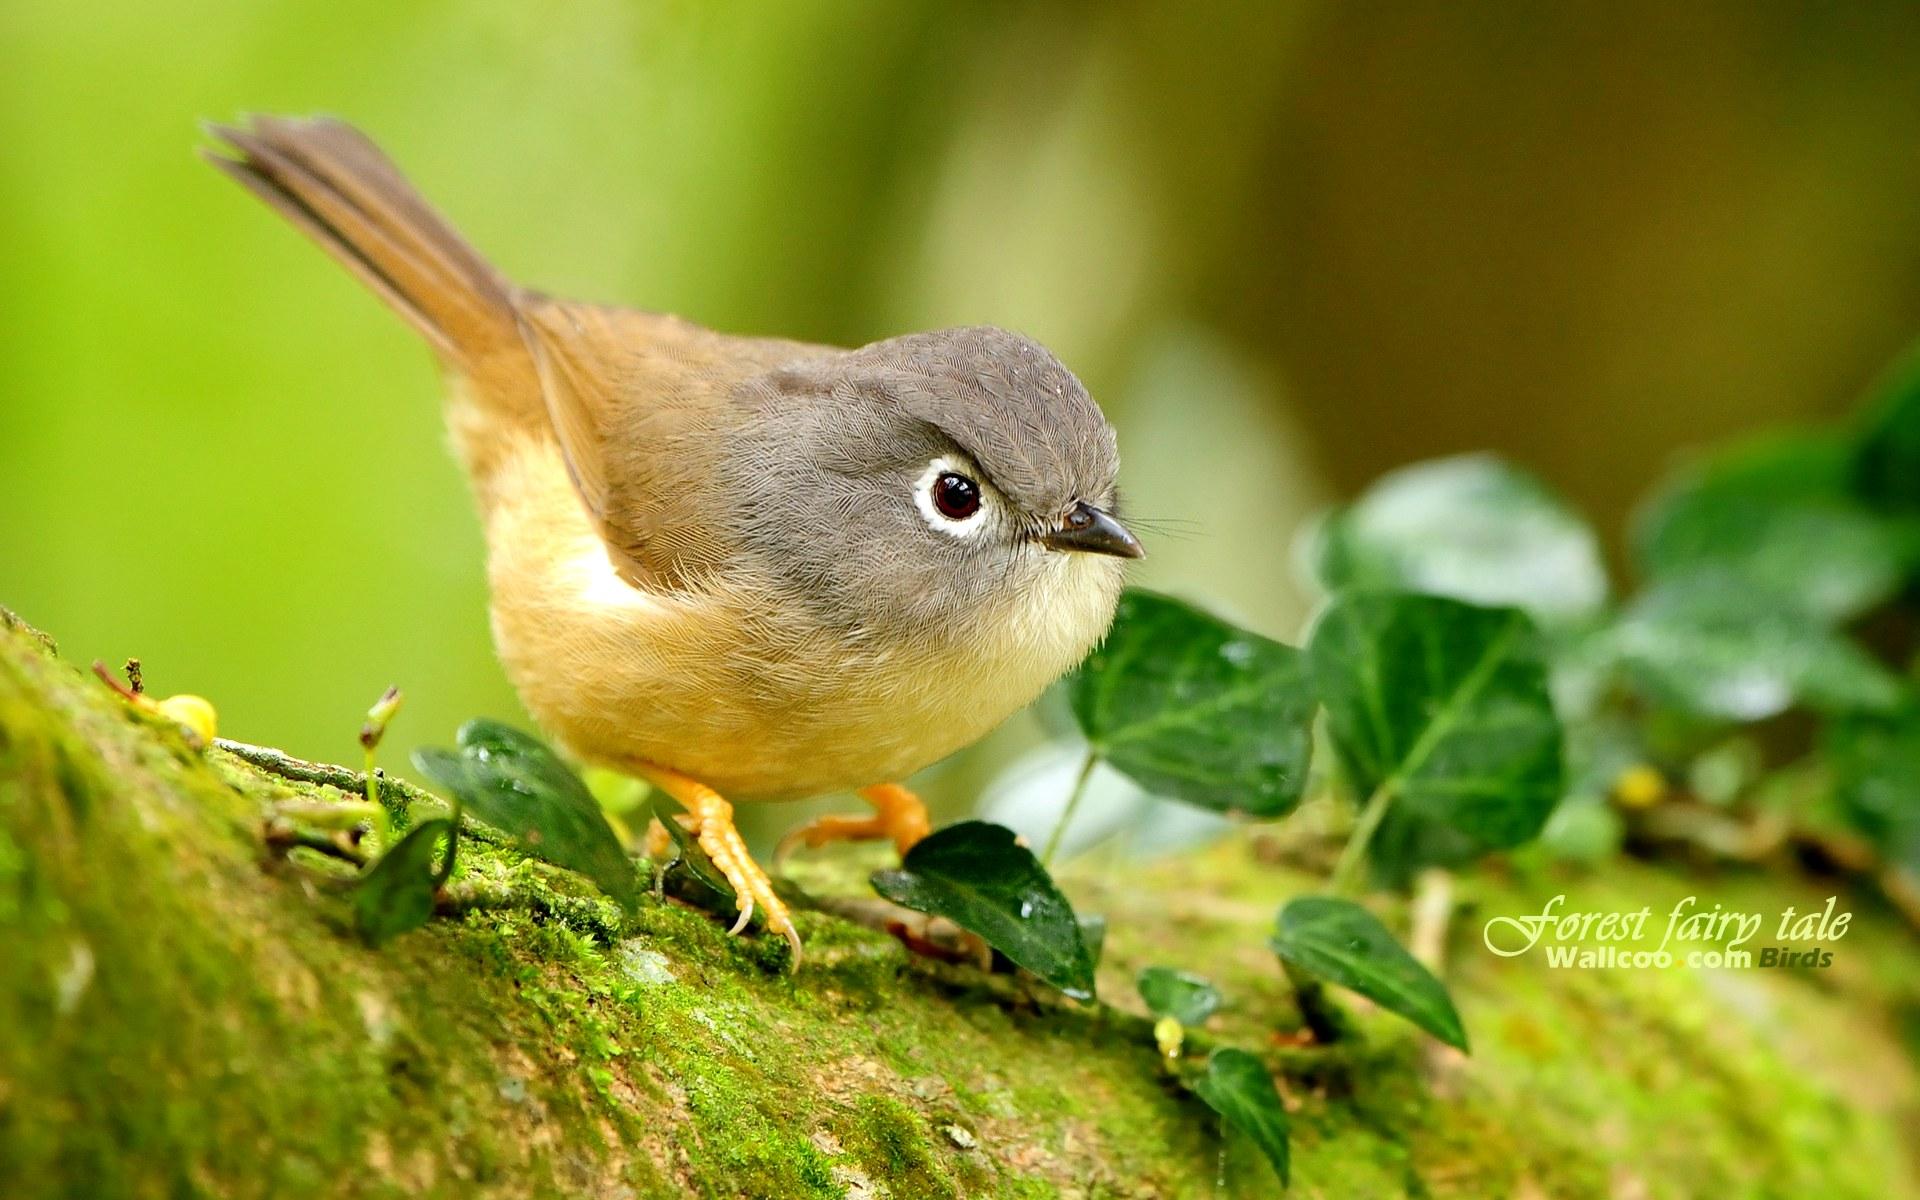 壁纸/树林里的小精灵春天可爱小鸟壁纸绣眼画眉鸟图片灵气小鸟图片...